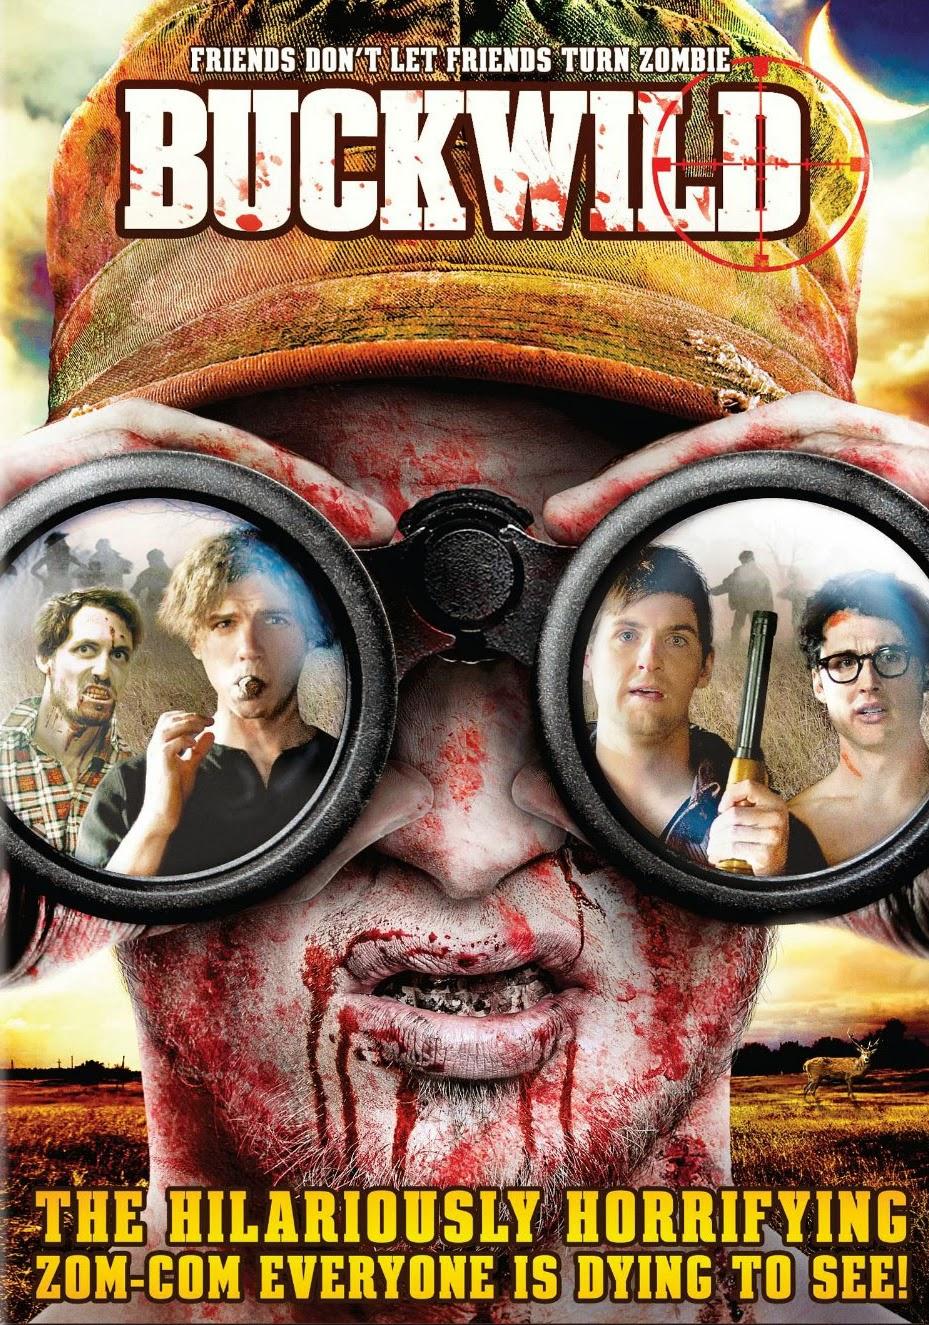 Buck Wild - zombie comedy